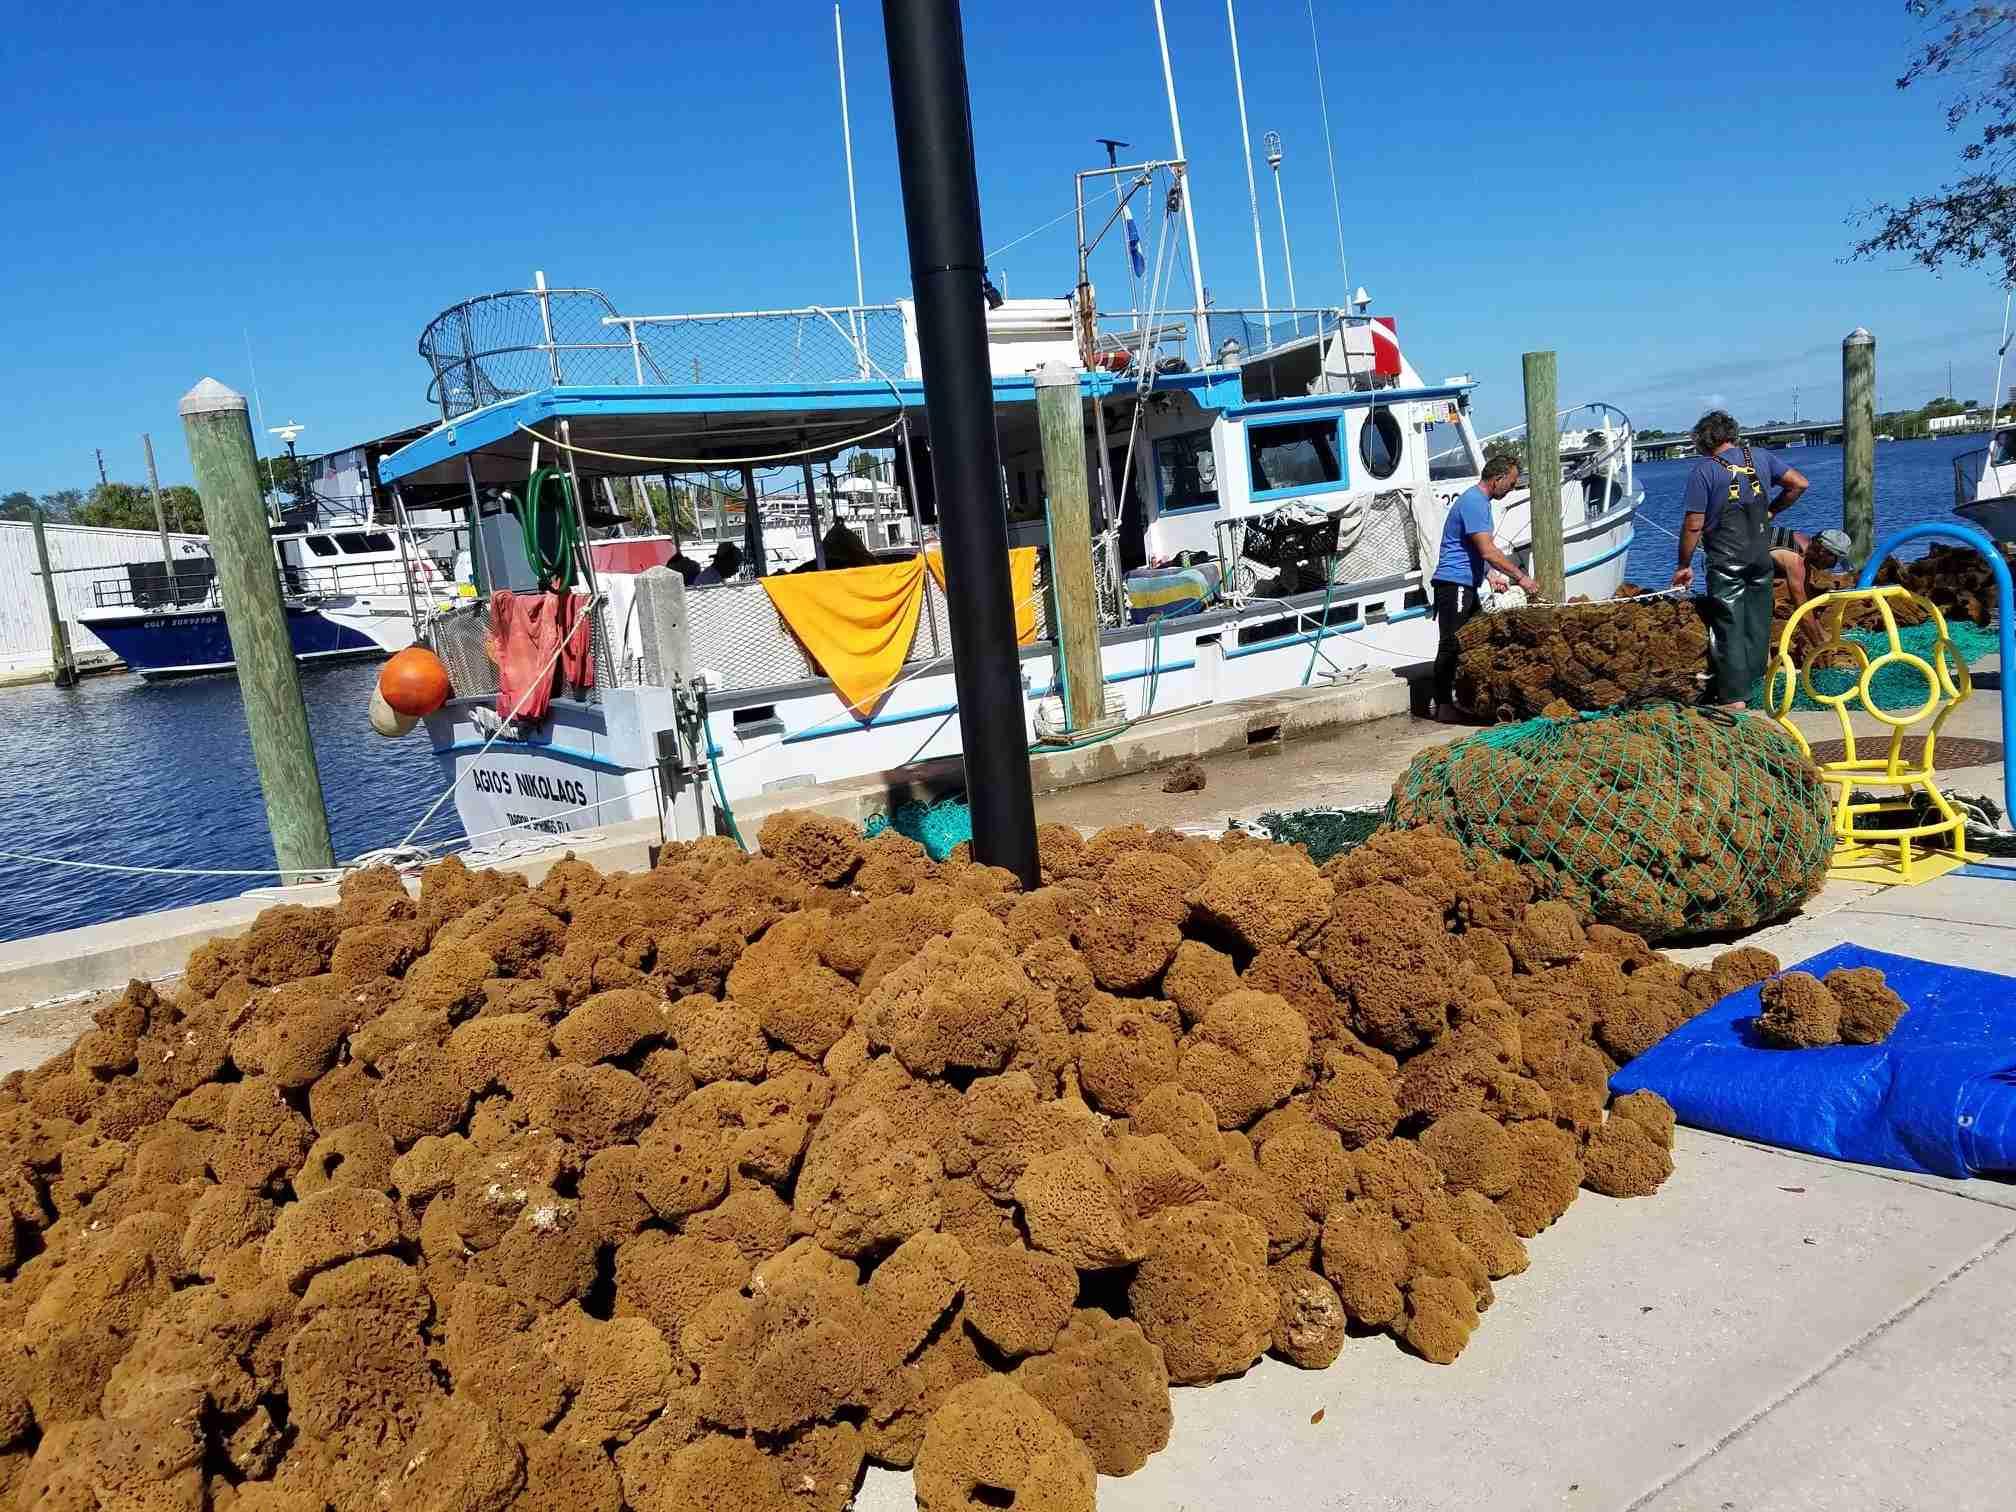 (Photo courtesy of Tarpon Springs Sponge Docks